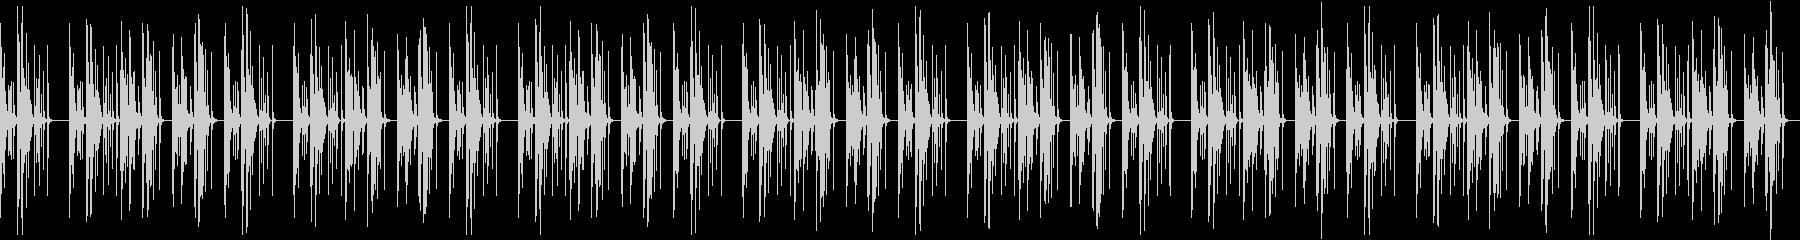 おっちょこちょいなBGMマリンバ・木琴の未再生の波形